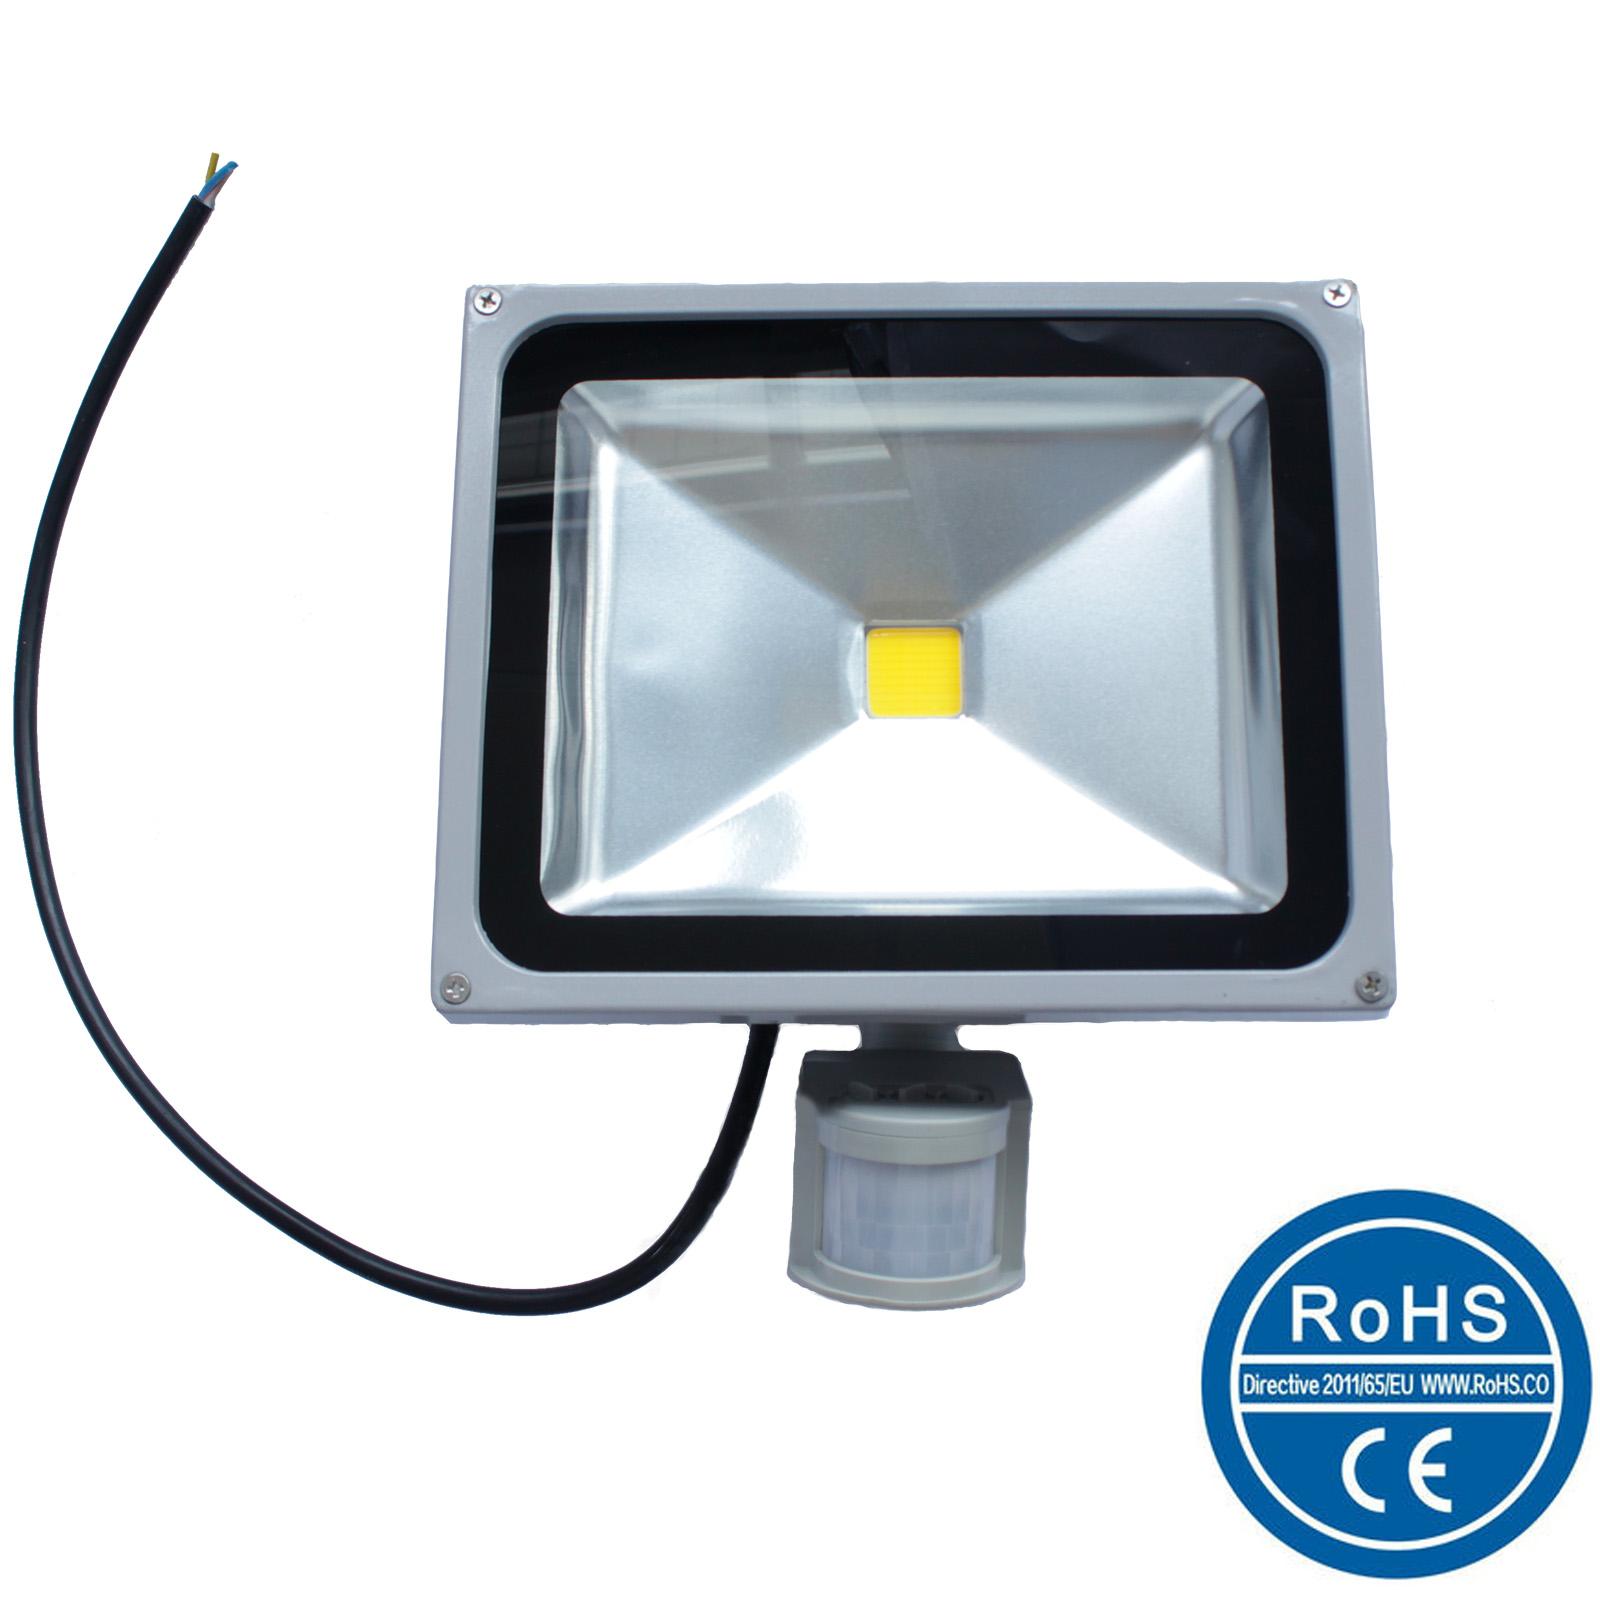 Picture of Sensor LED floodlight-backpack